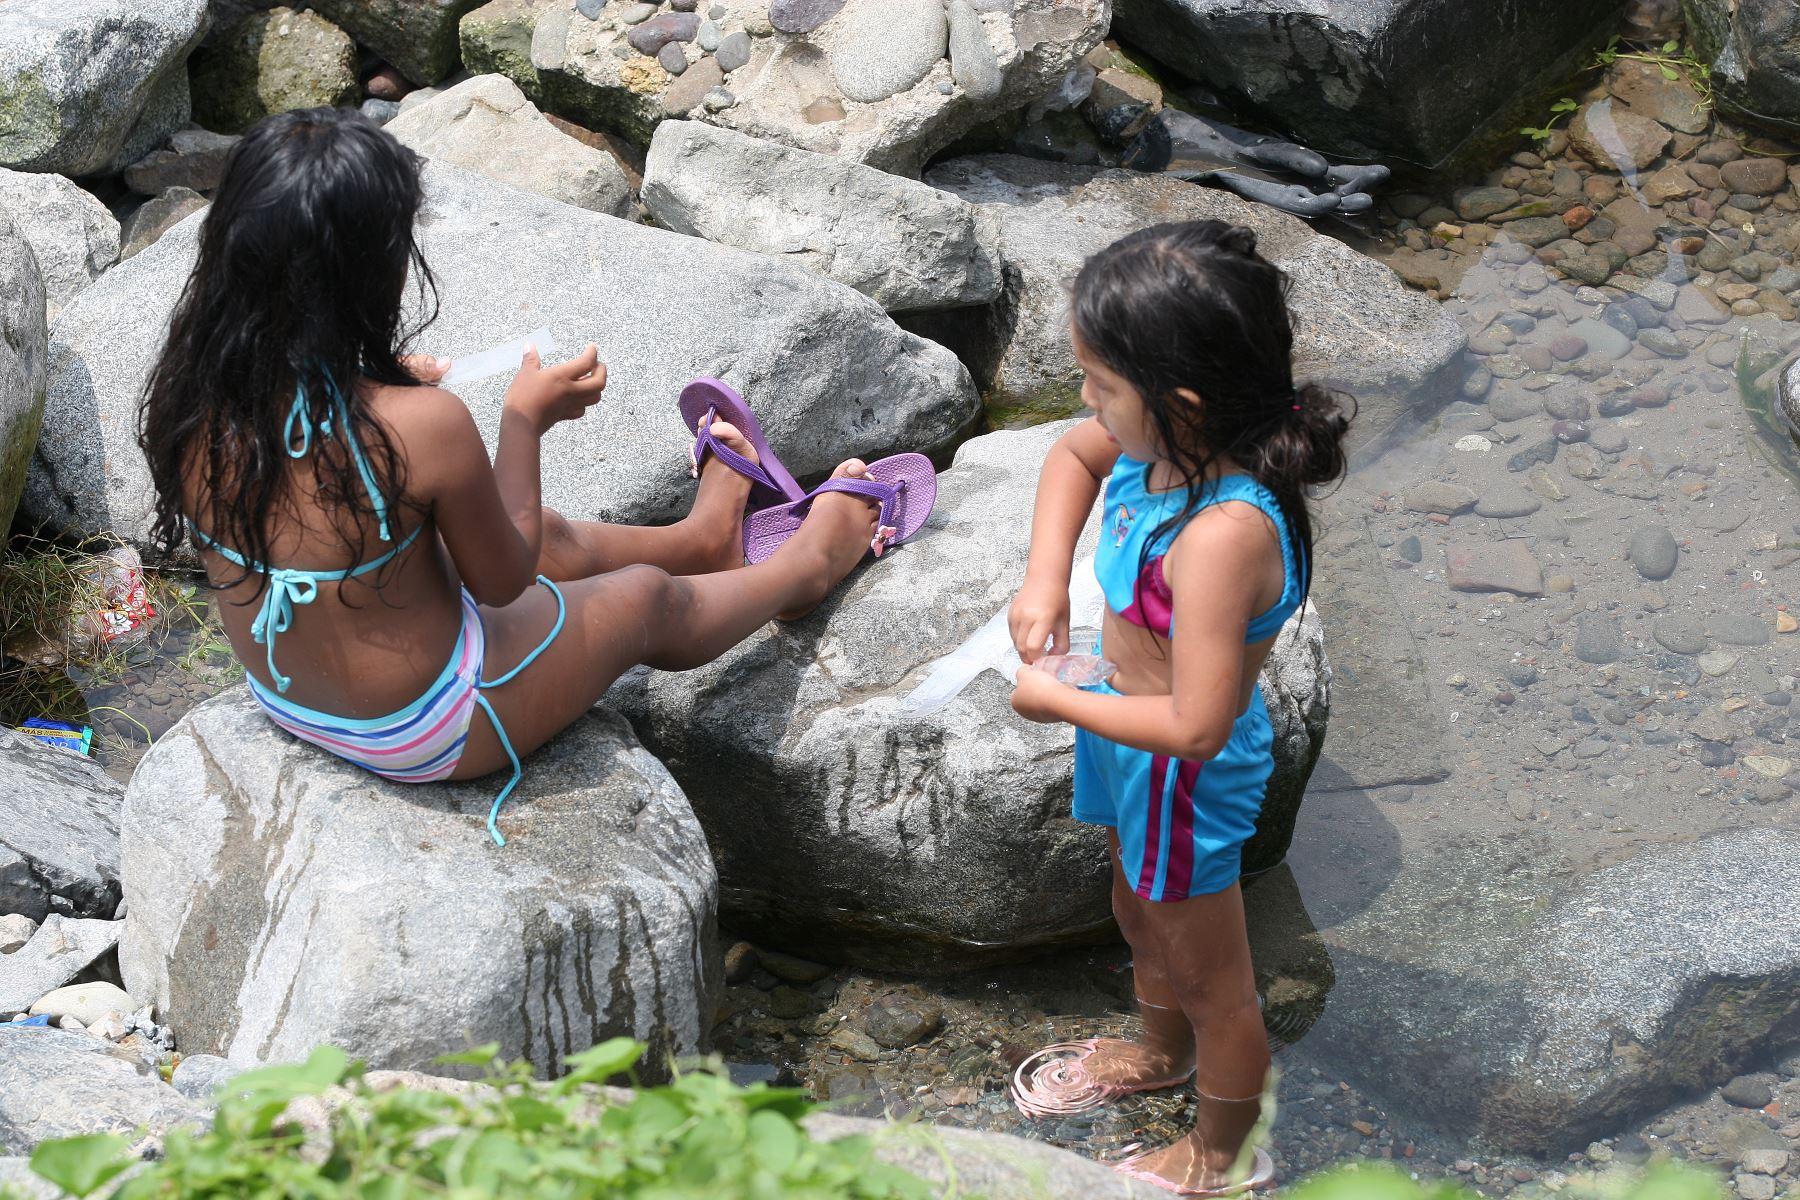 Veraneantes se volcan a playas limeñas en busca de sol arena y mar.Foto:ANDINA/Héctor Vinces.